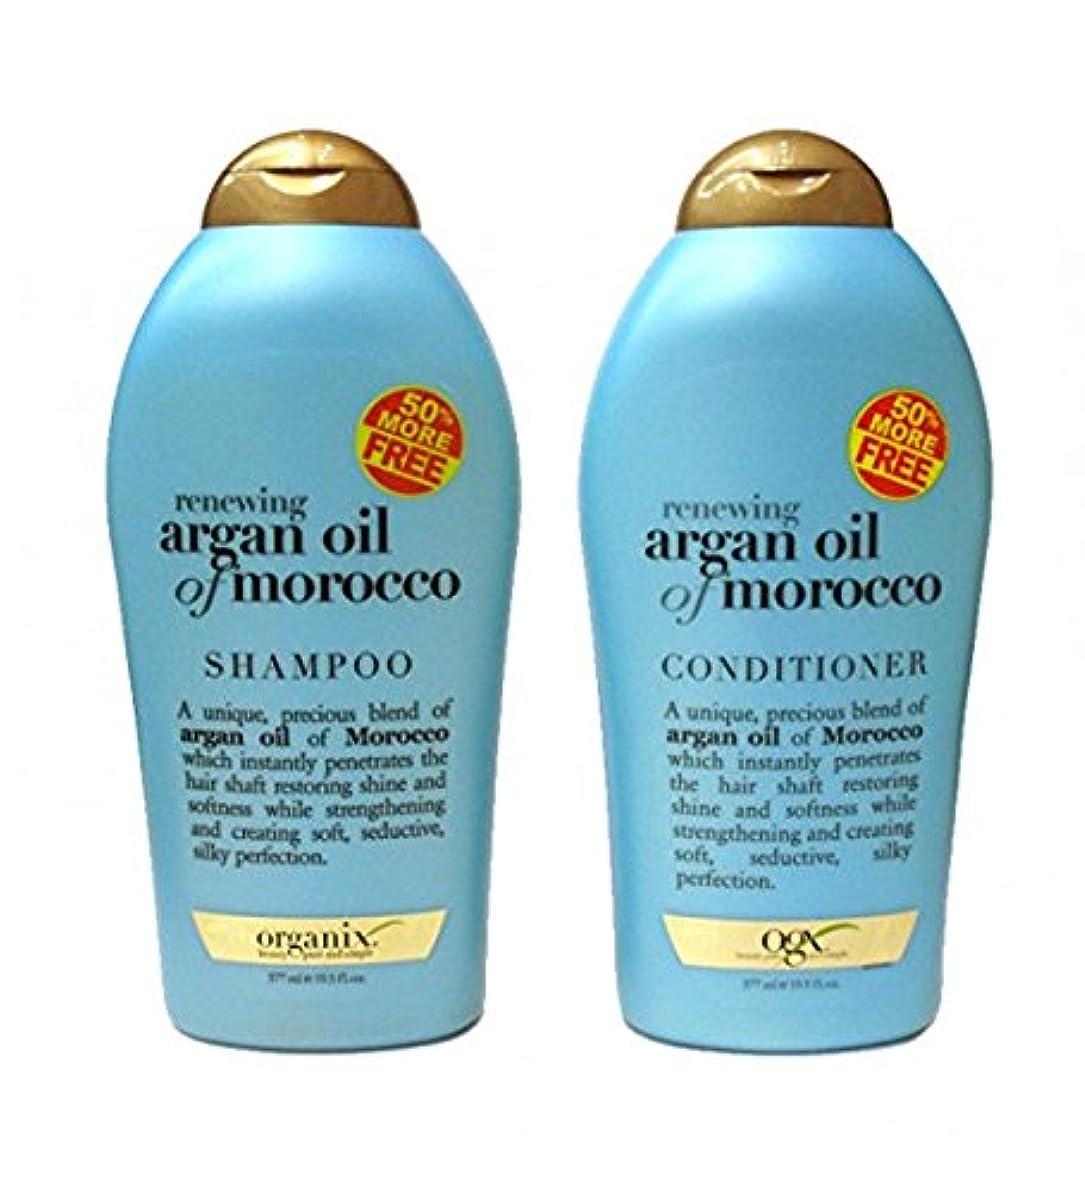 マンハッタン対悪性腫瘍OGX Organix Argan Oil of Morocco Shampoo & Conditioner Set (19.5 Oz Set) [並行輸入品]